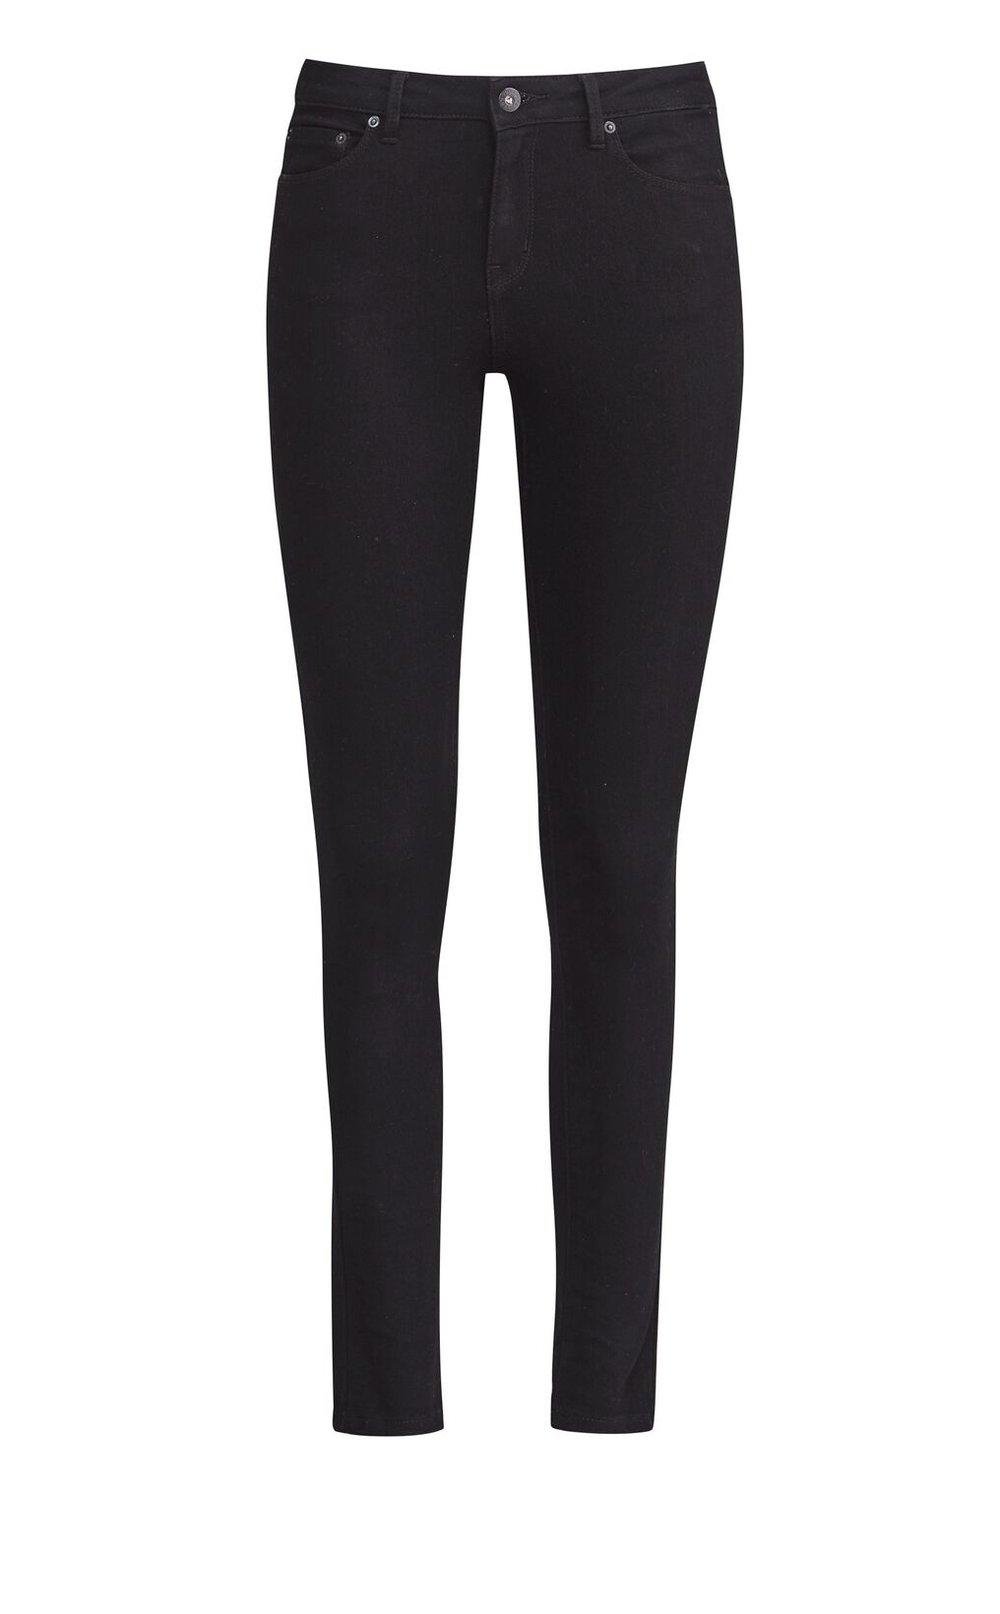 JH Denim  ankle skinny jean (denim) black rinse